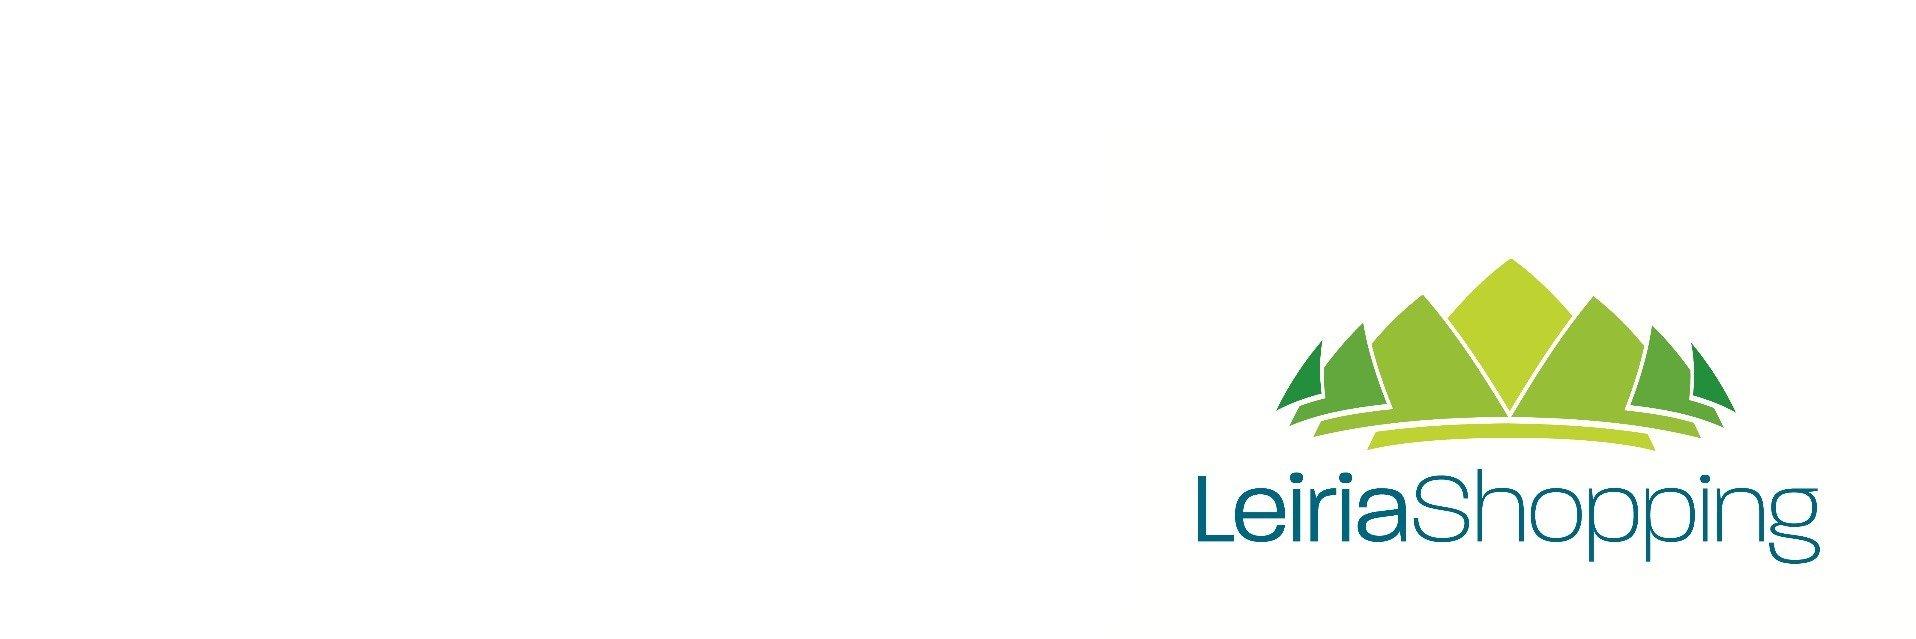 LeiriaShopping renova selo de higiene e segurança com certificação SGS